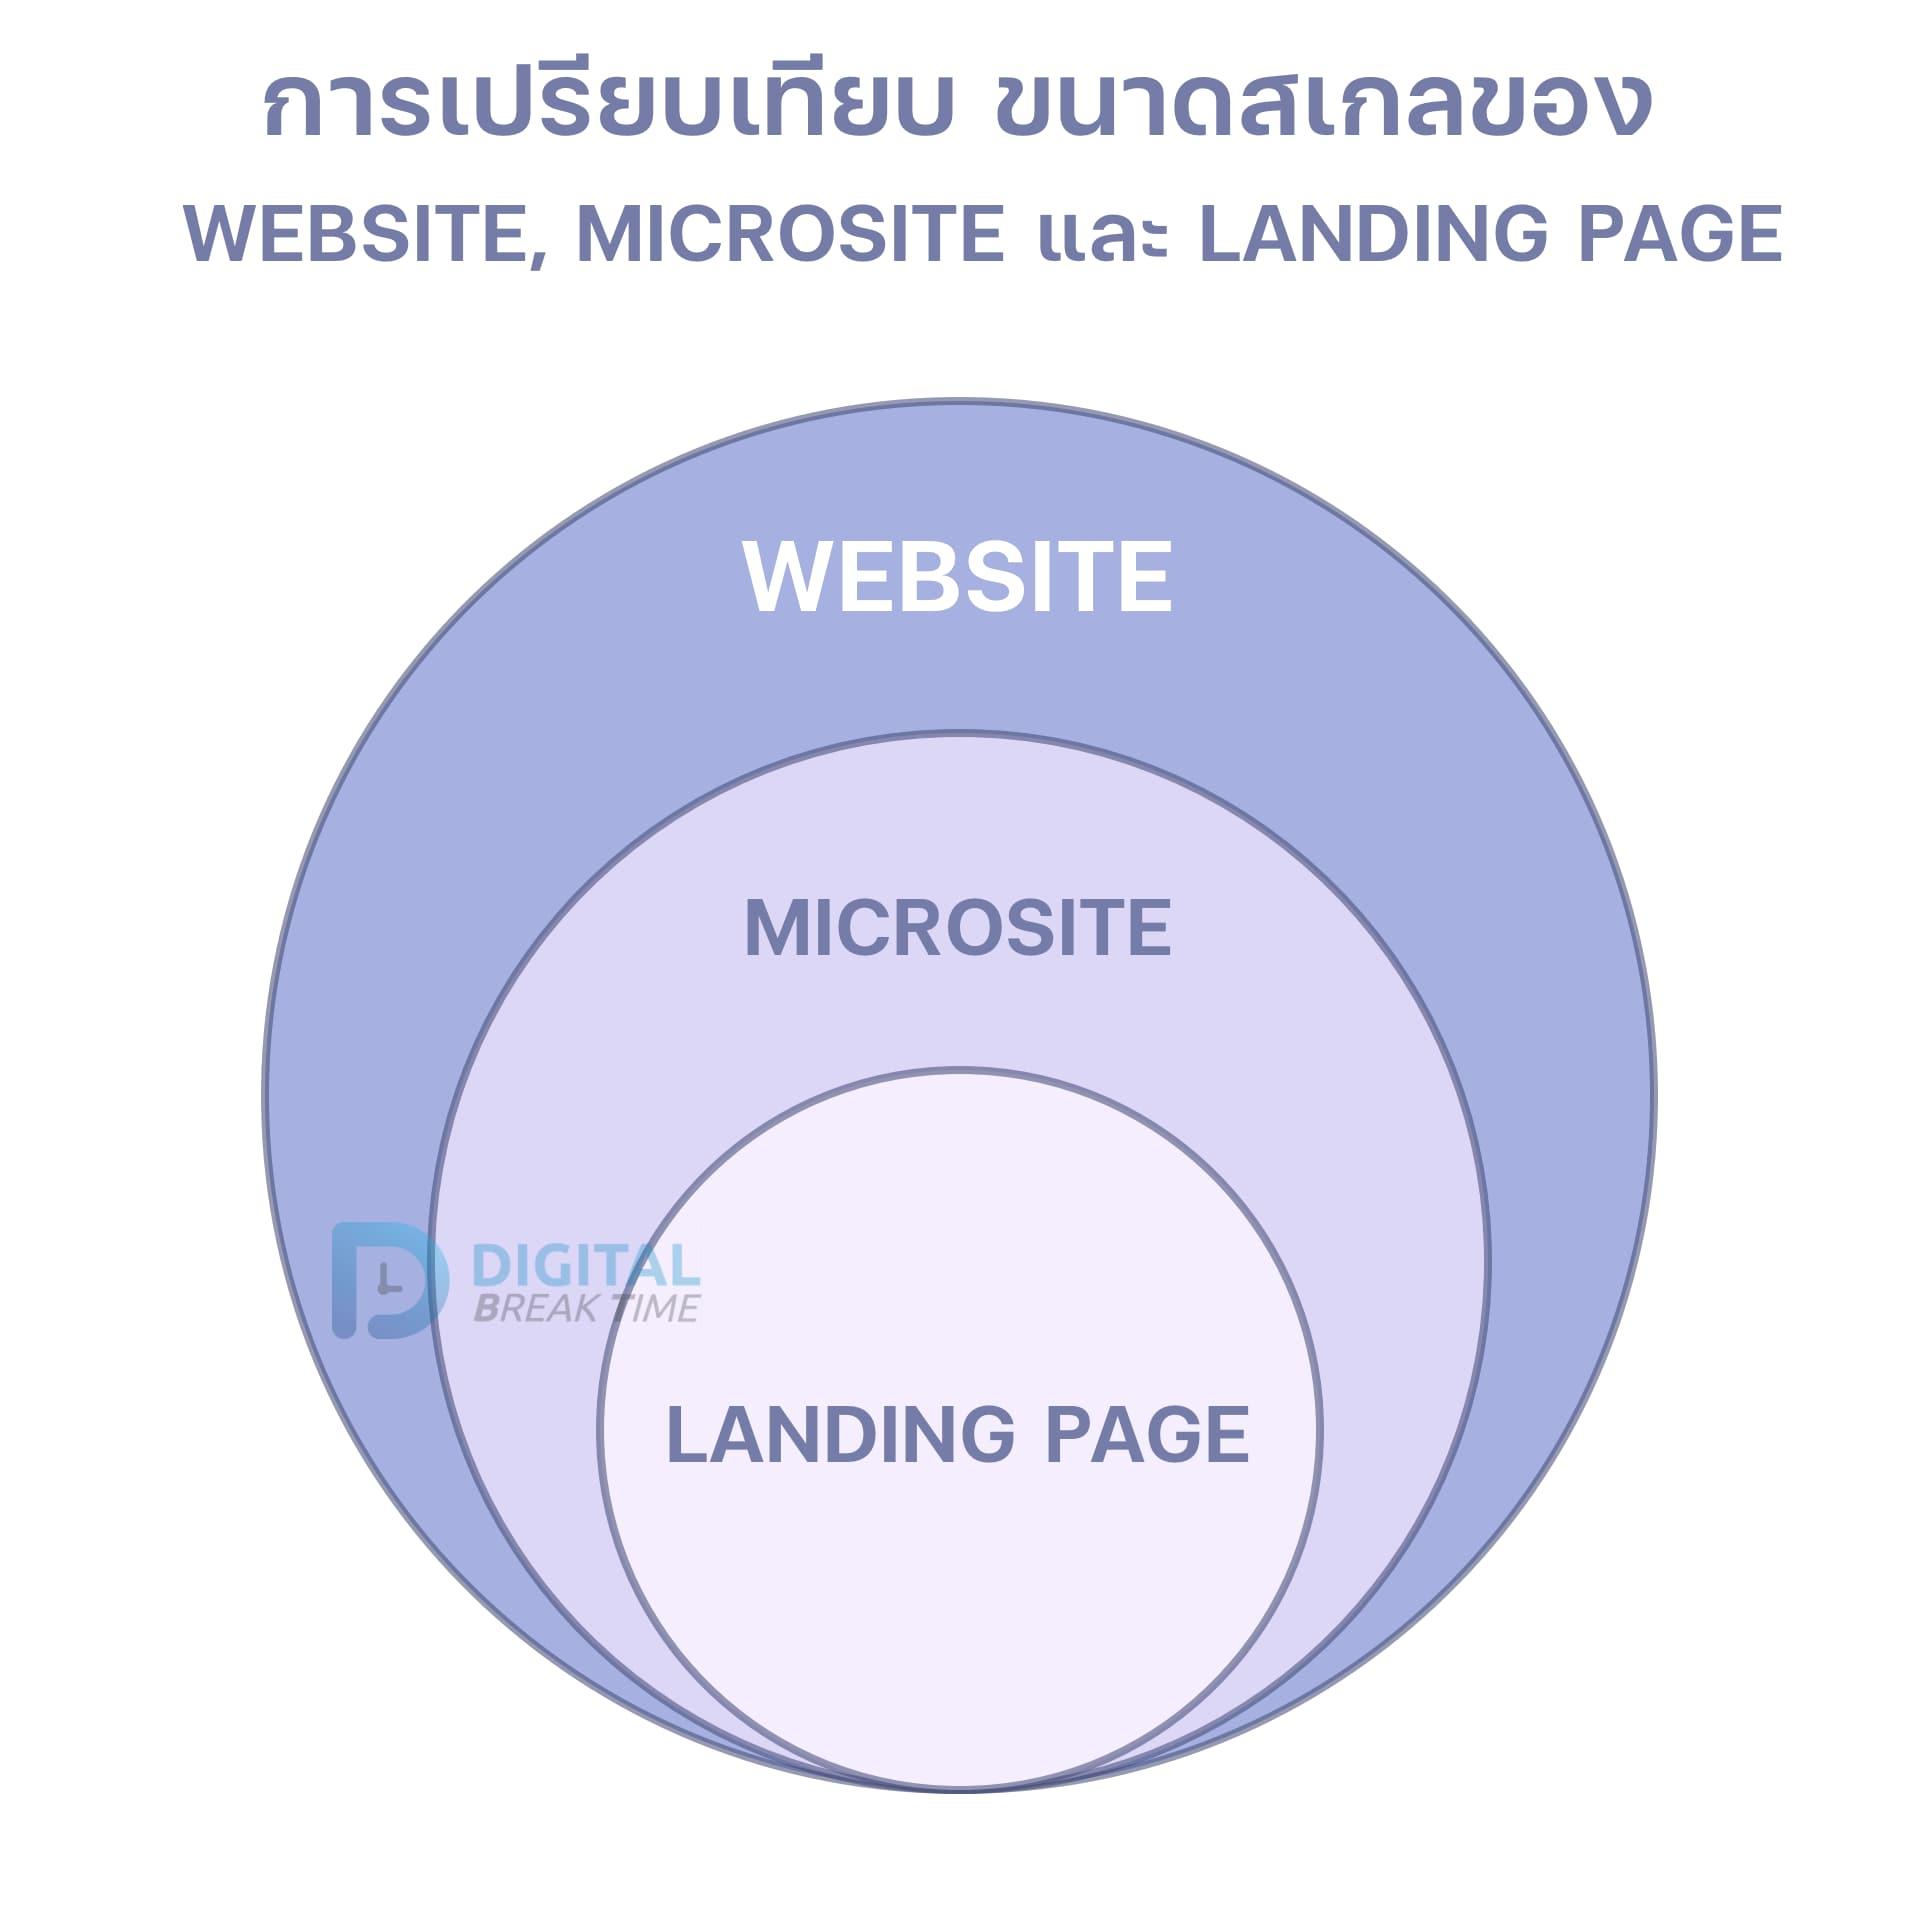 เปรียบเทียบ Website